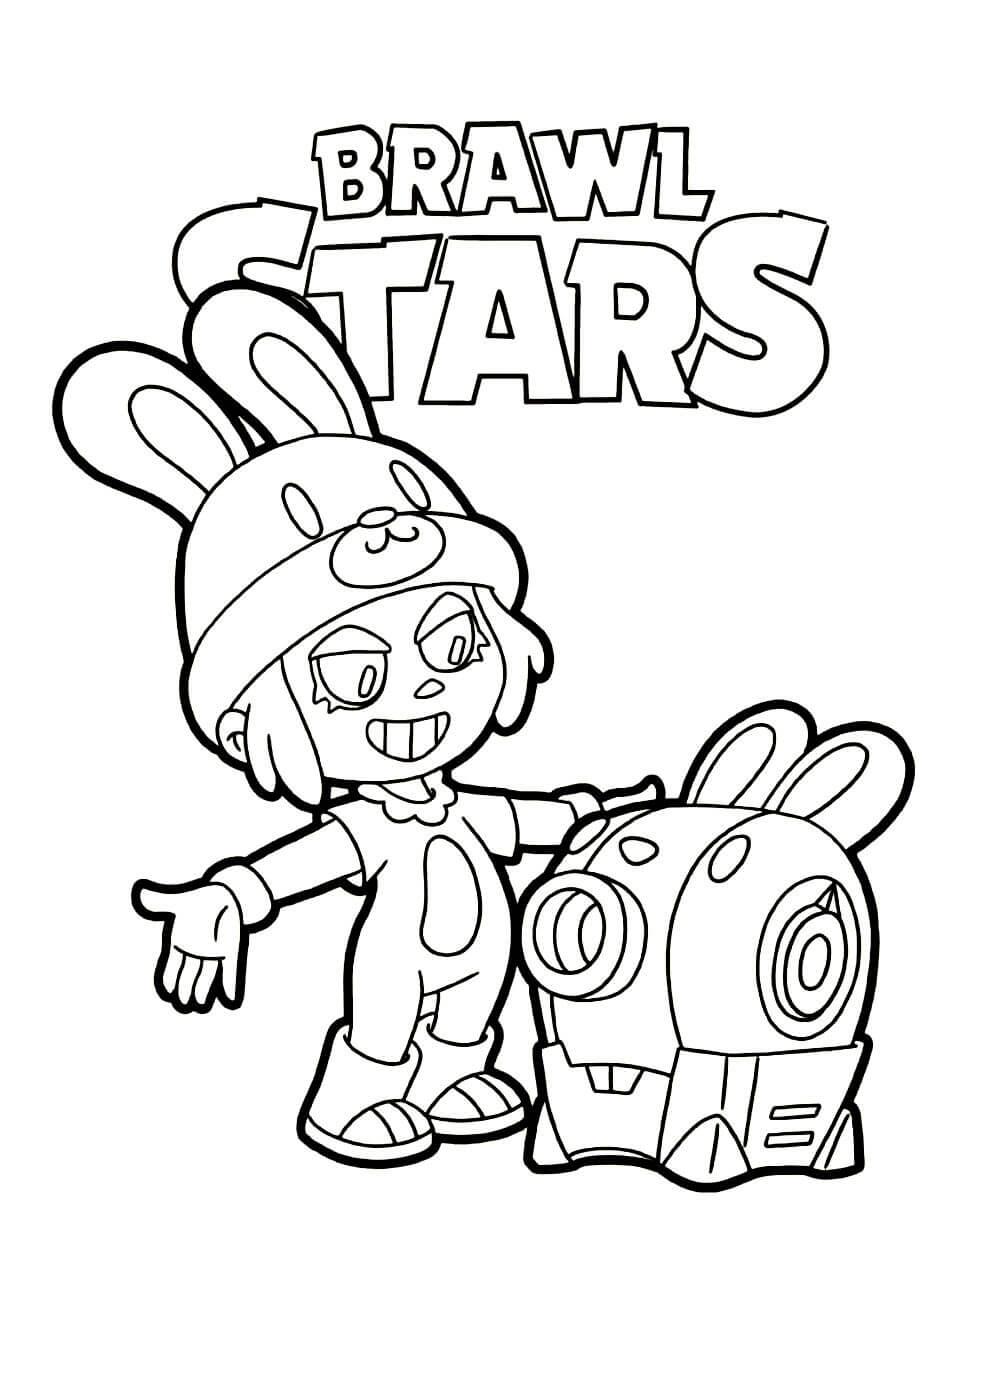 Раскраски Браво Старс (Brawl Stars) распечатать или ...